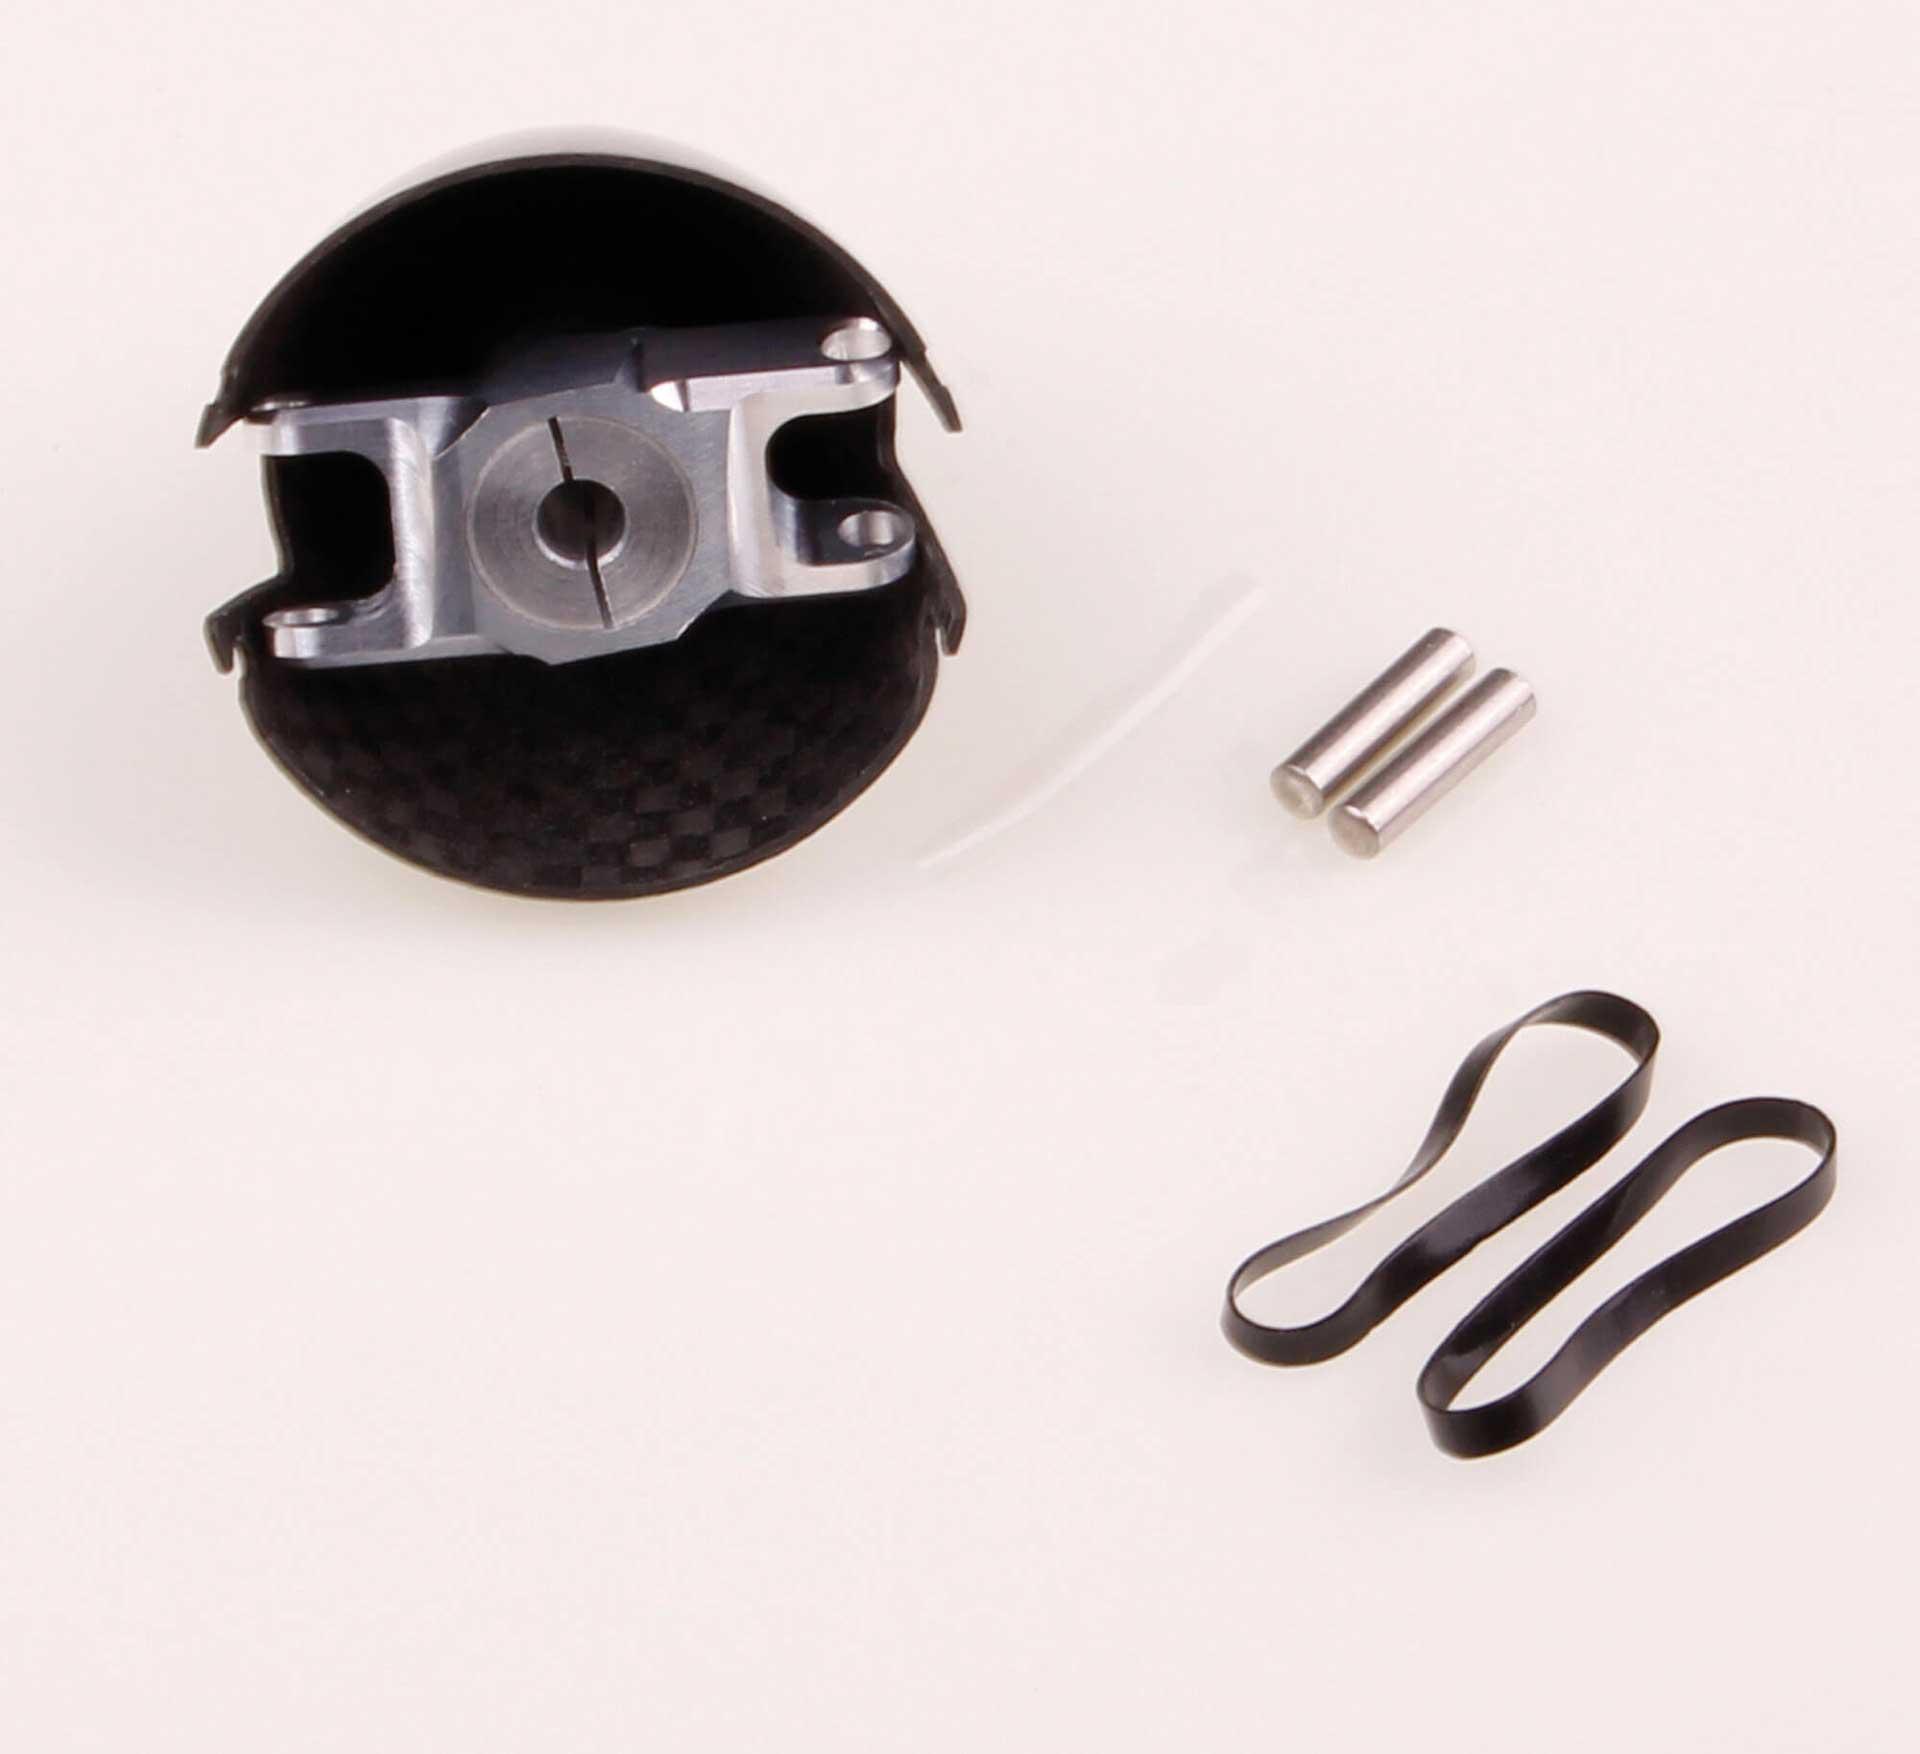 GM Propellers Spinner F5J ø 36mm Diameter, motor shaft ø 5mm Competition Carbon black